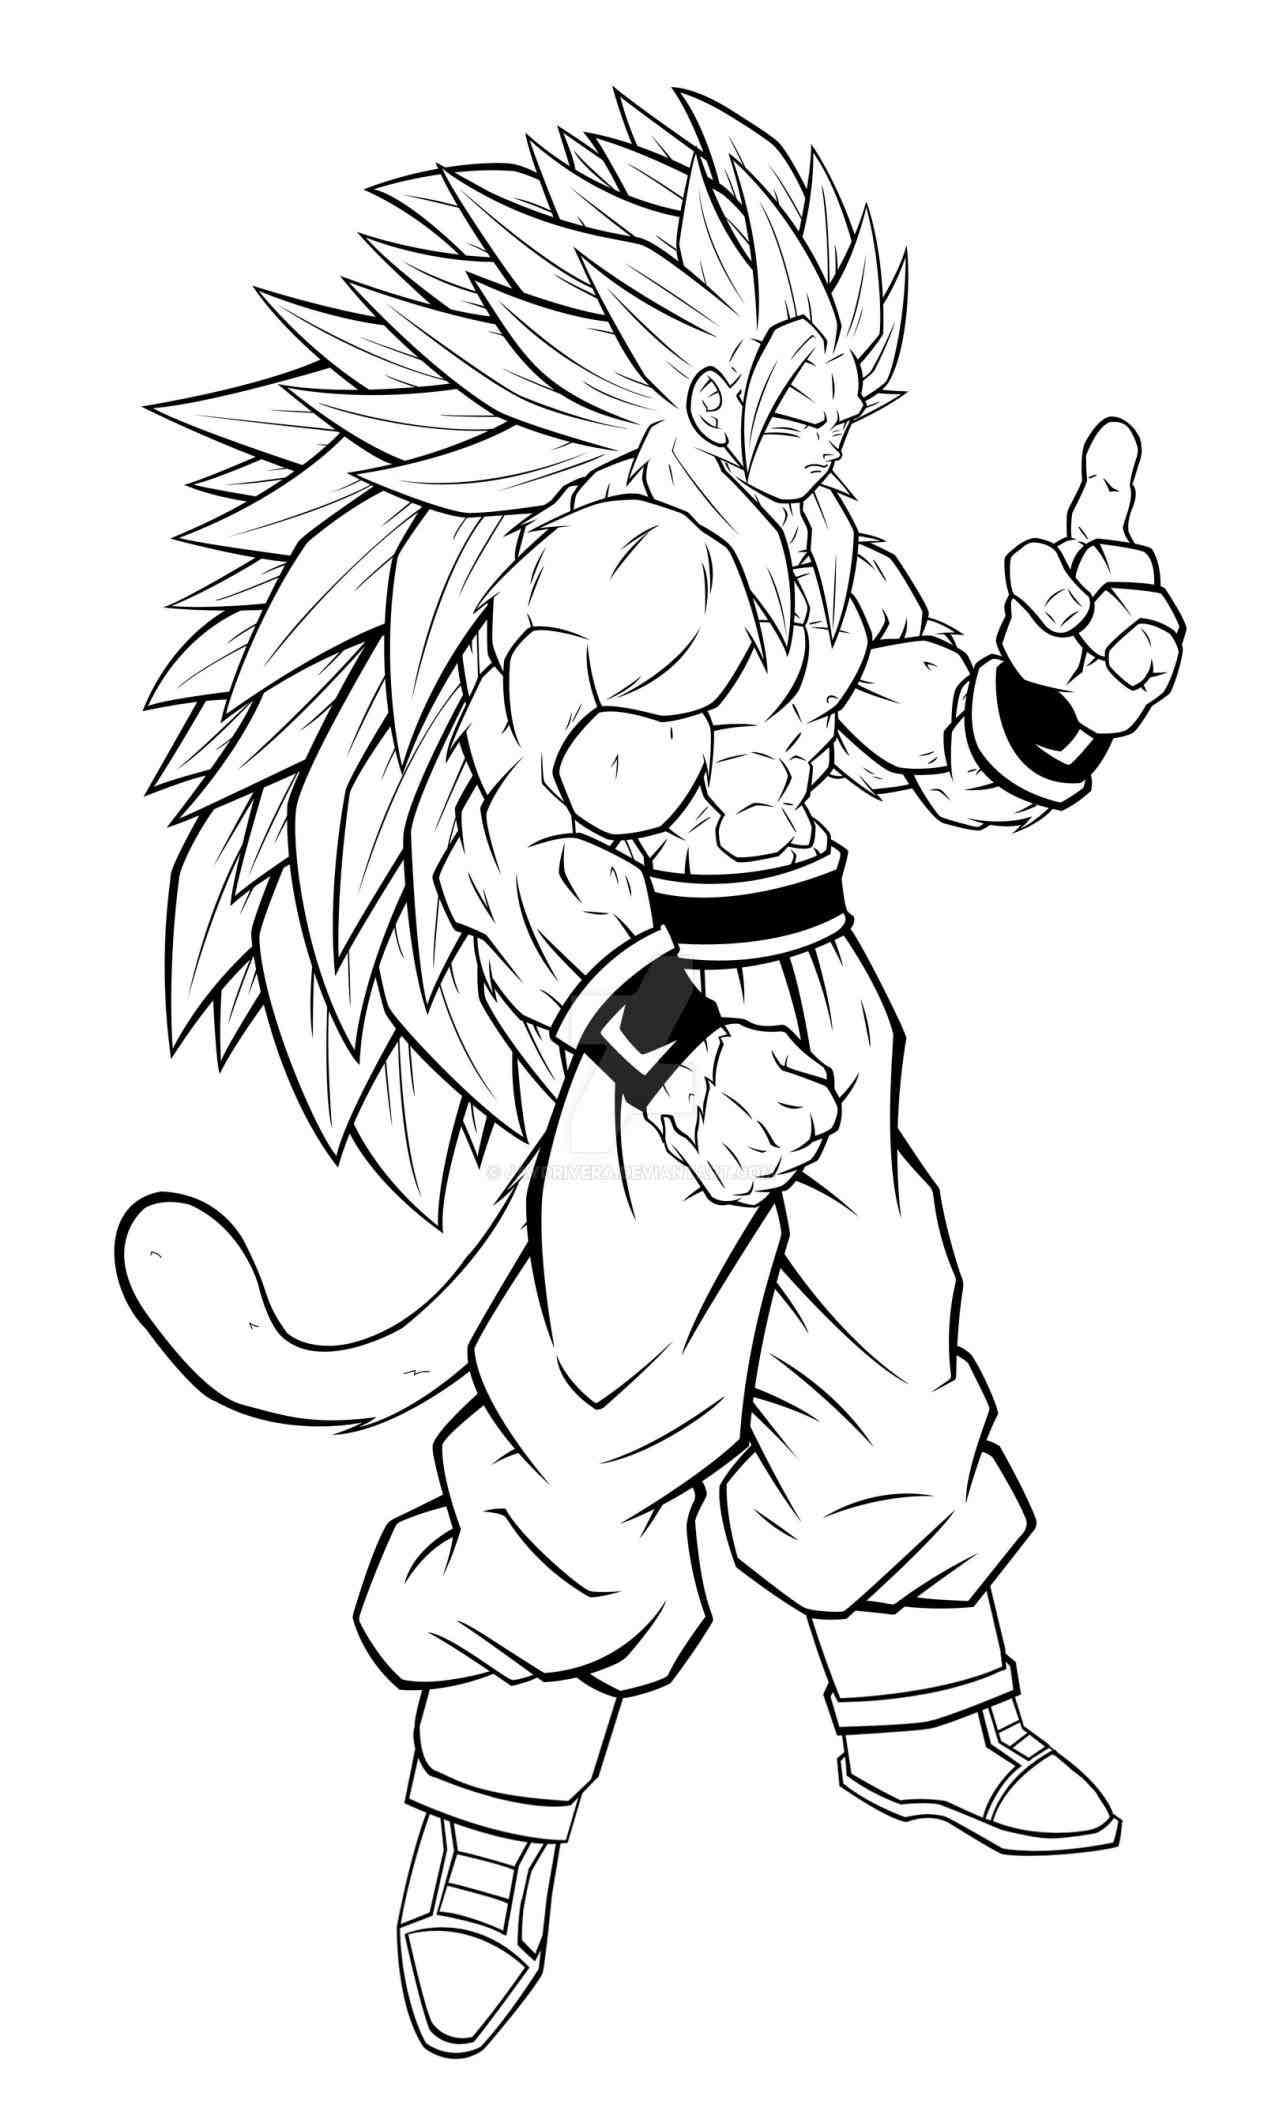 Dragon Ball Z Goku Super Saiyan 5 Drawings Anime Pictures Clip